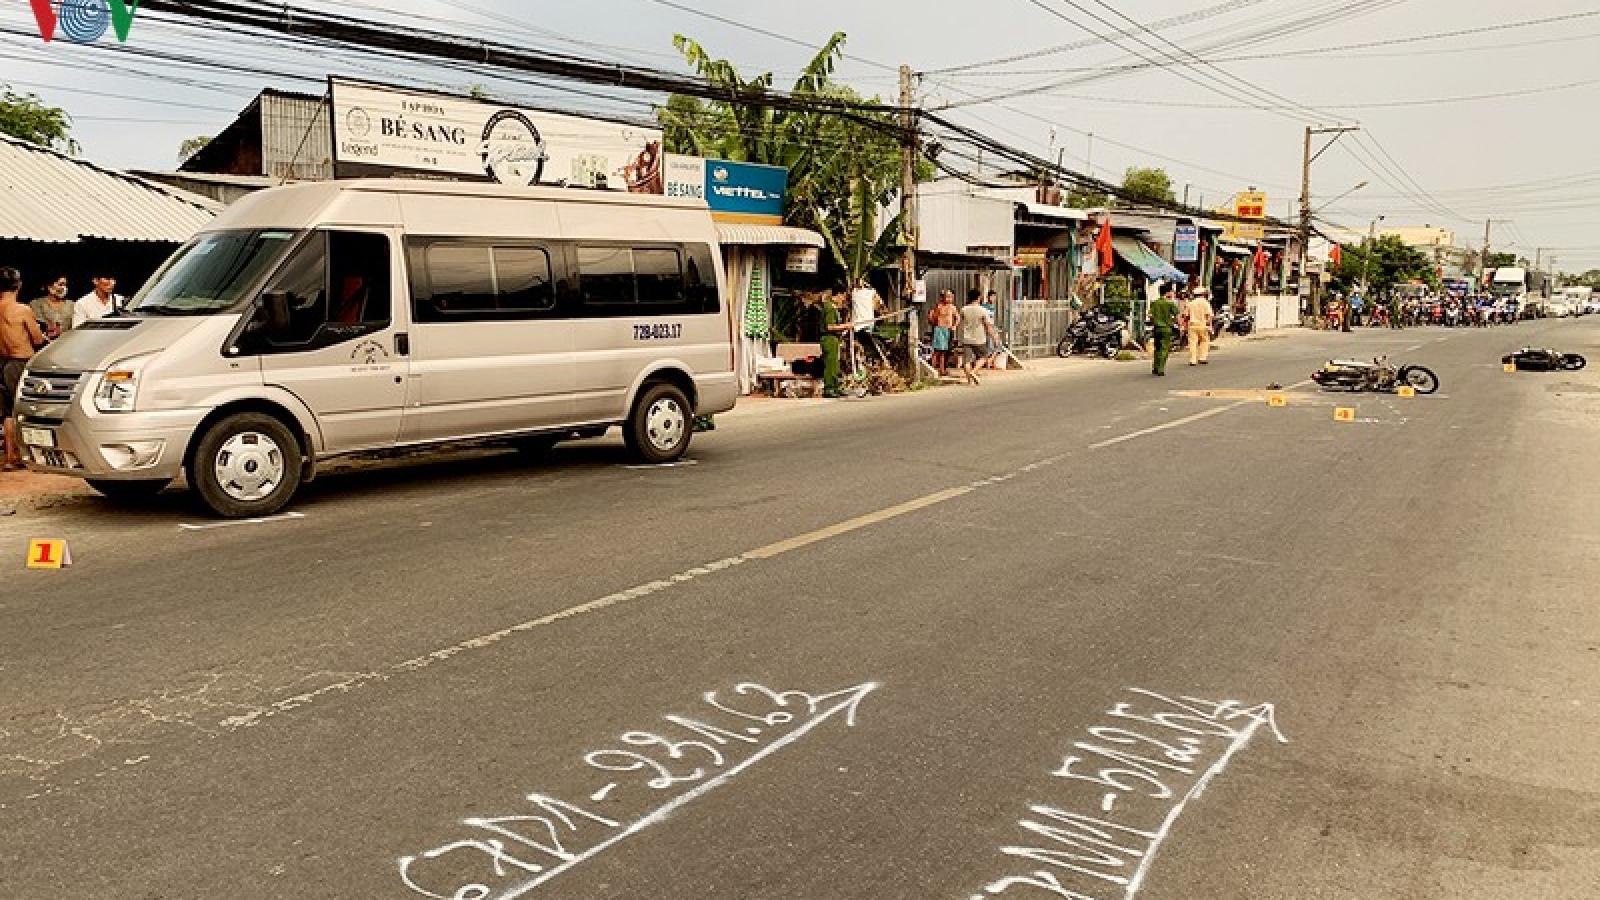 Tai nạn giao thông liên hoàn làm 1 người chết, 4 người bị thương